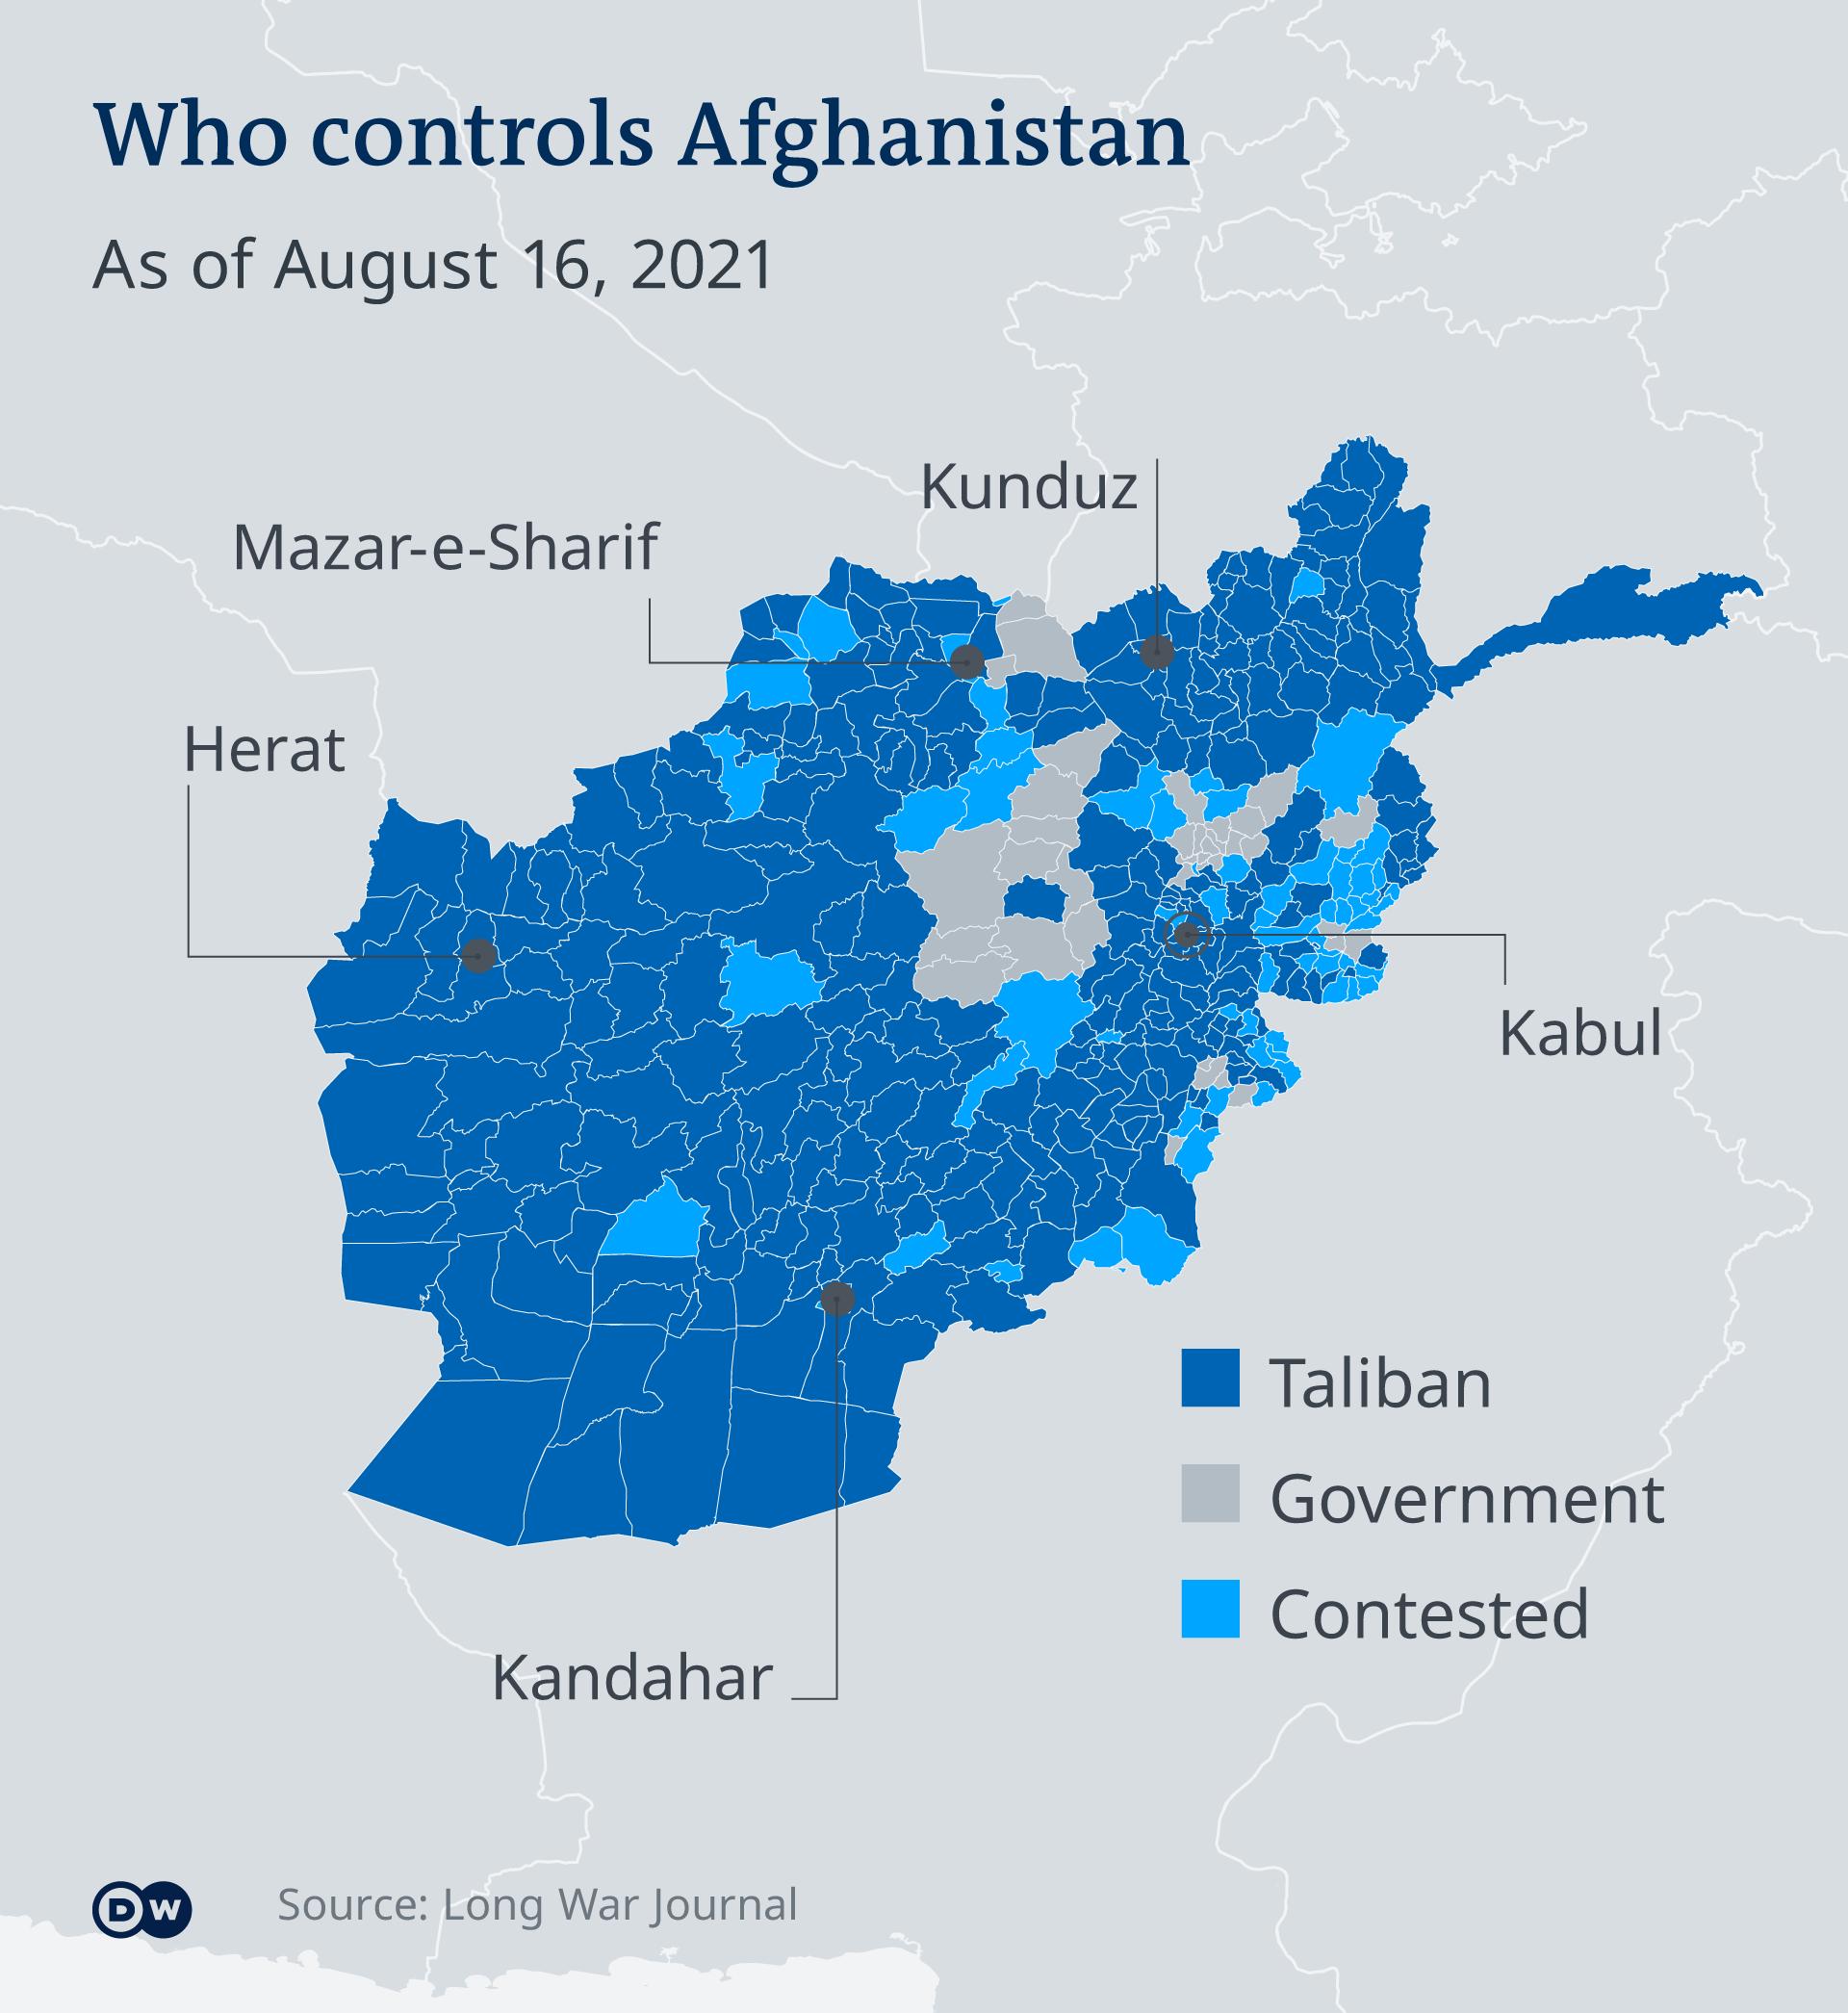 截止8月16日的阿富汗局势图